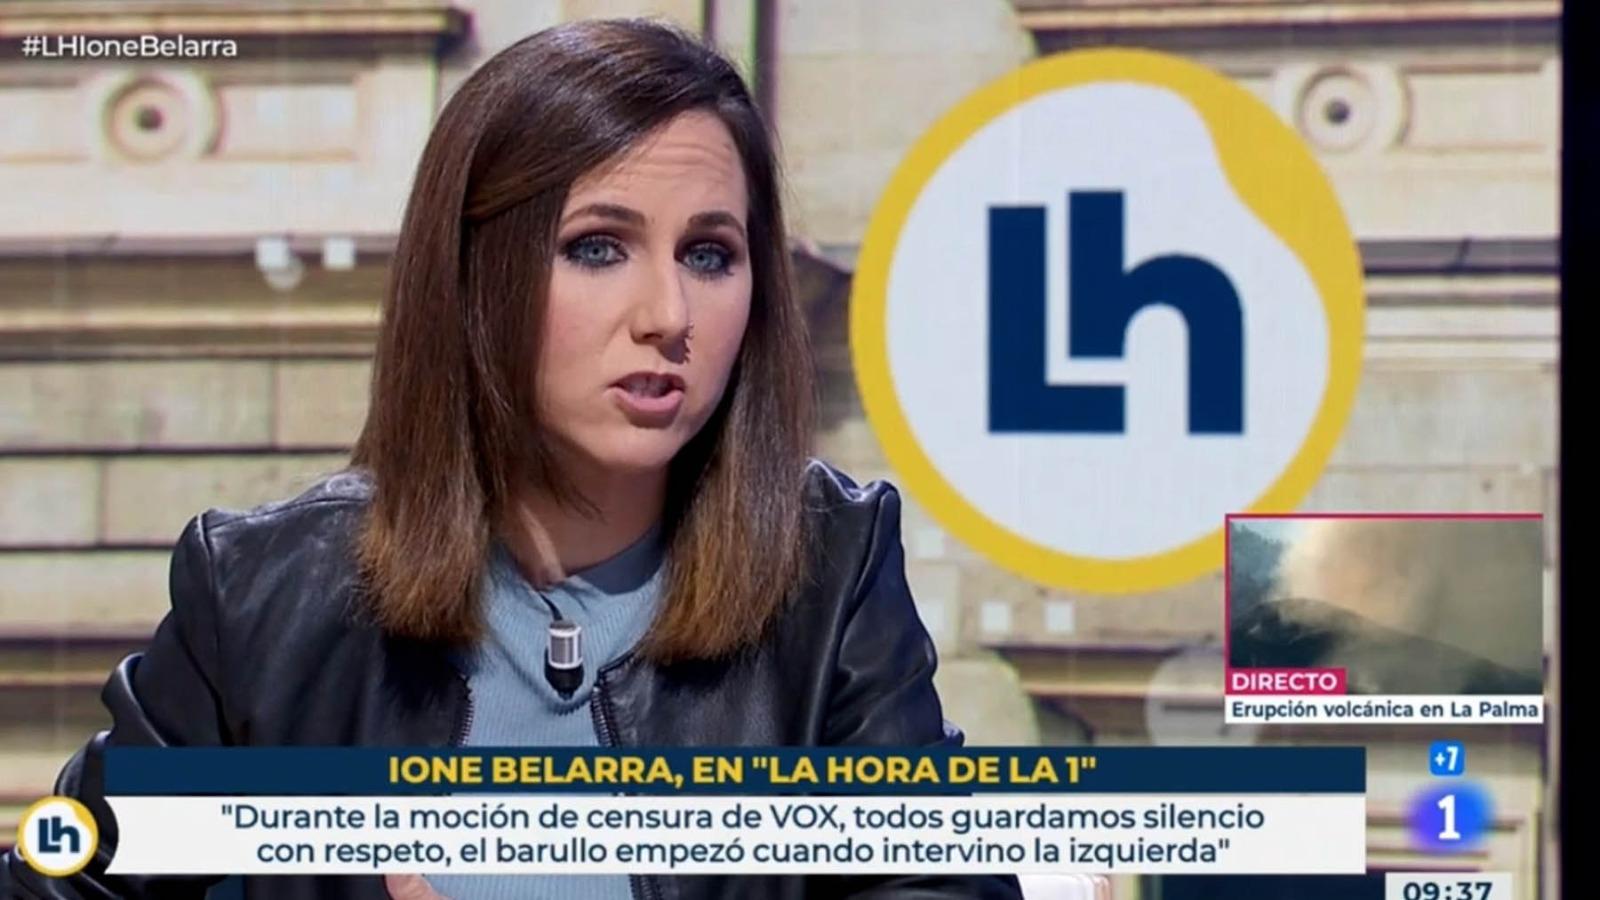 La ministra y líder de Podemos, Ione Belarra, en TVE. (Vídeo: 'La Hora de La 1').